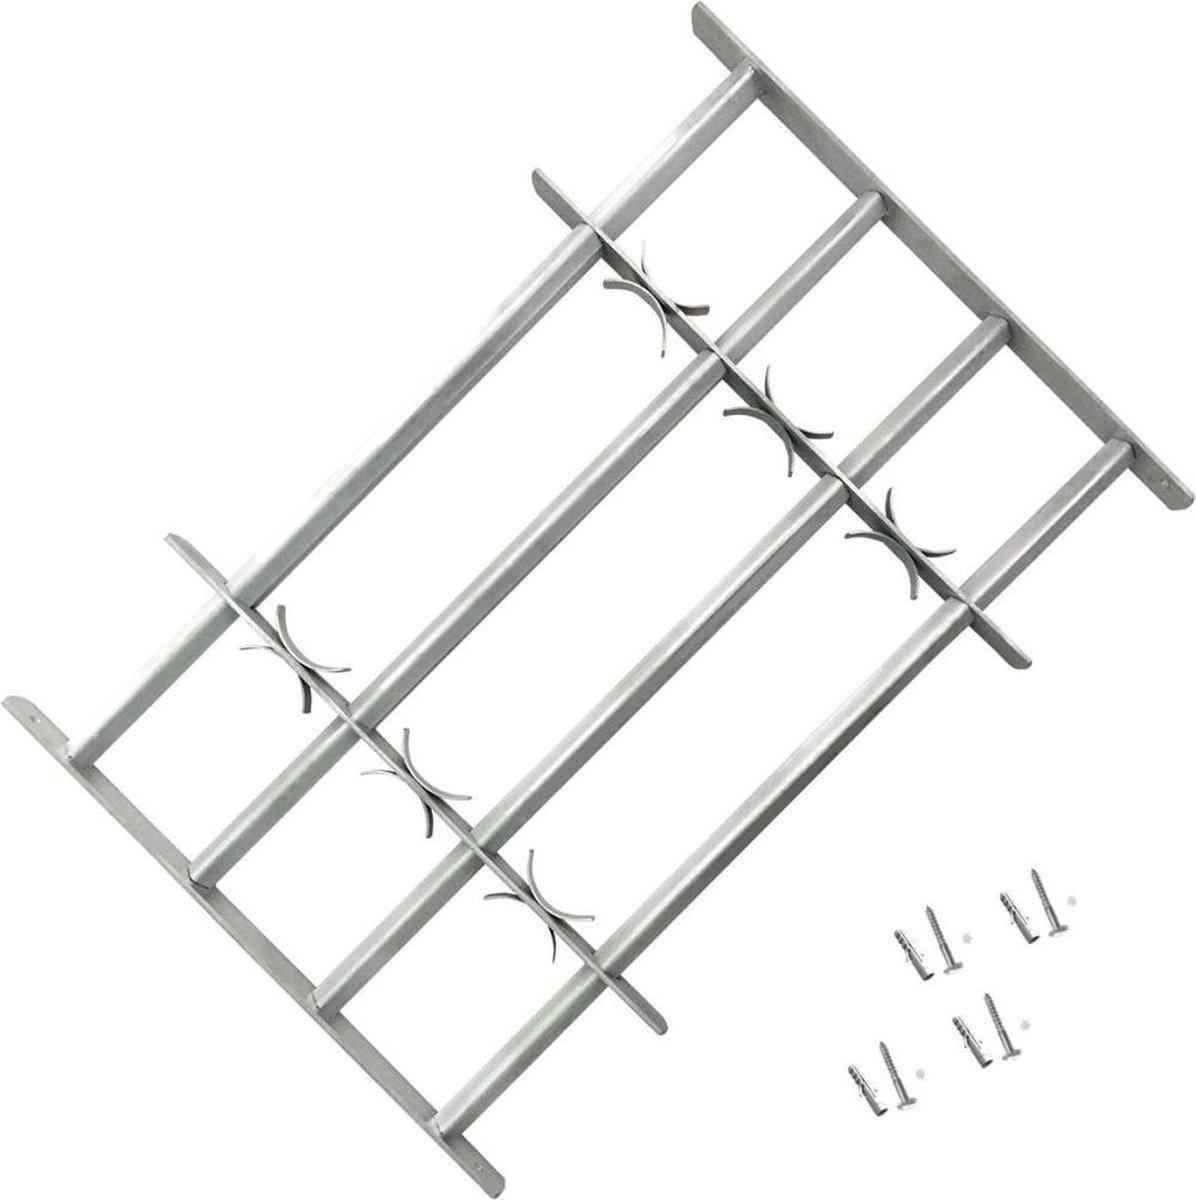 vidaXL Raambeveiliging verstelbaar met 4 dwarsstangen 1000-1500 mm